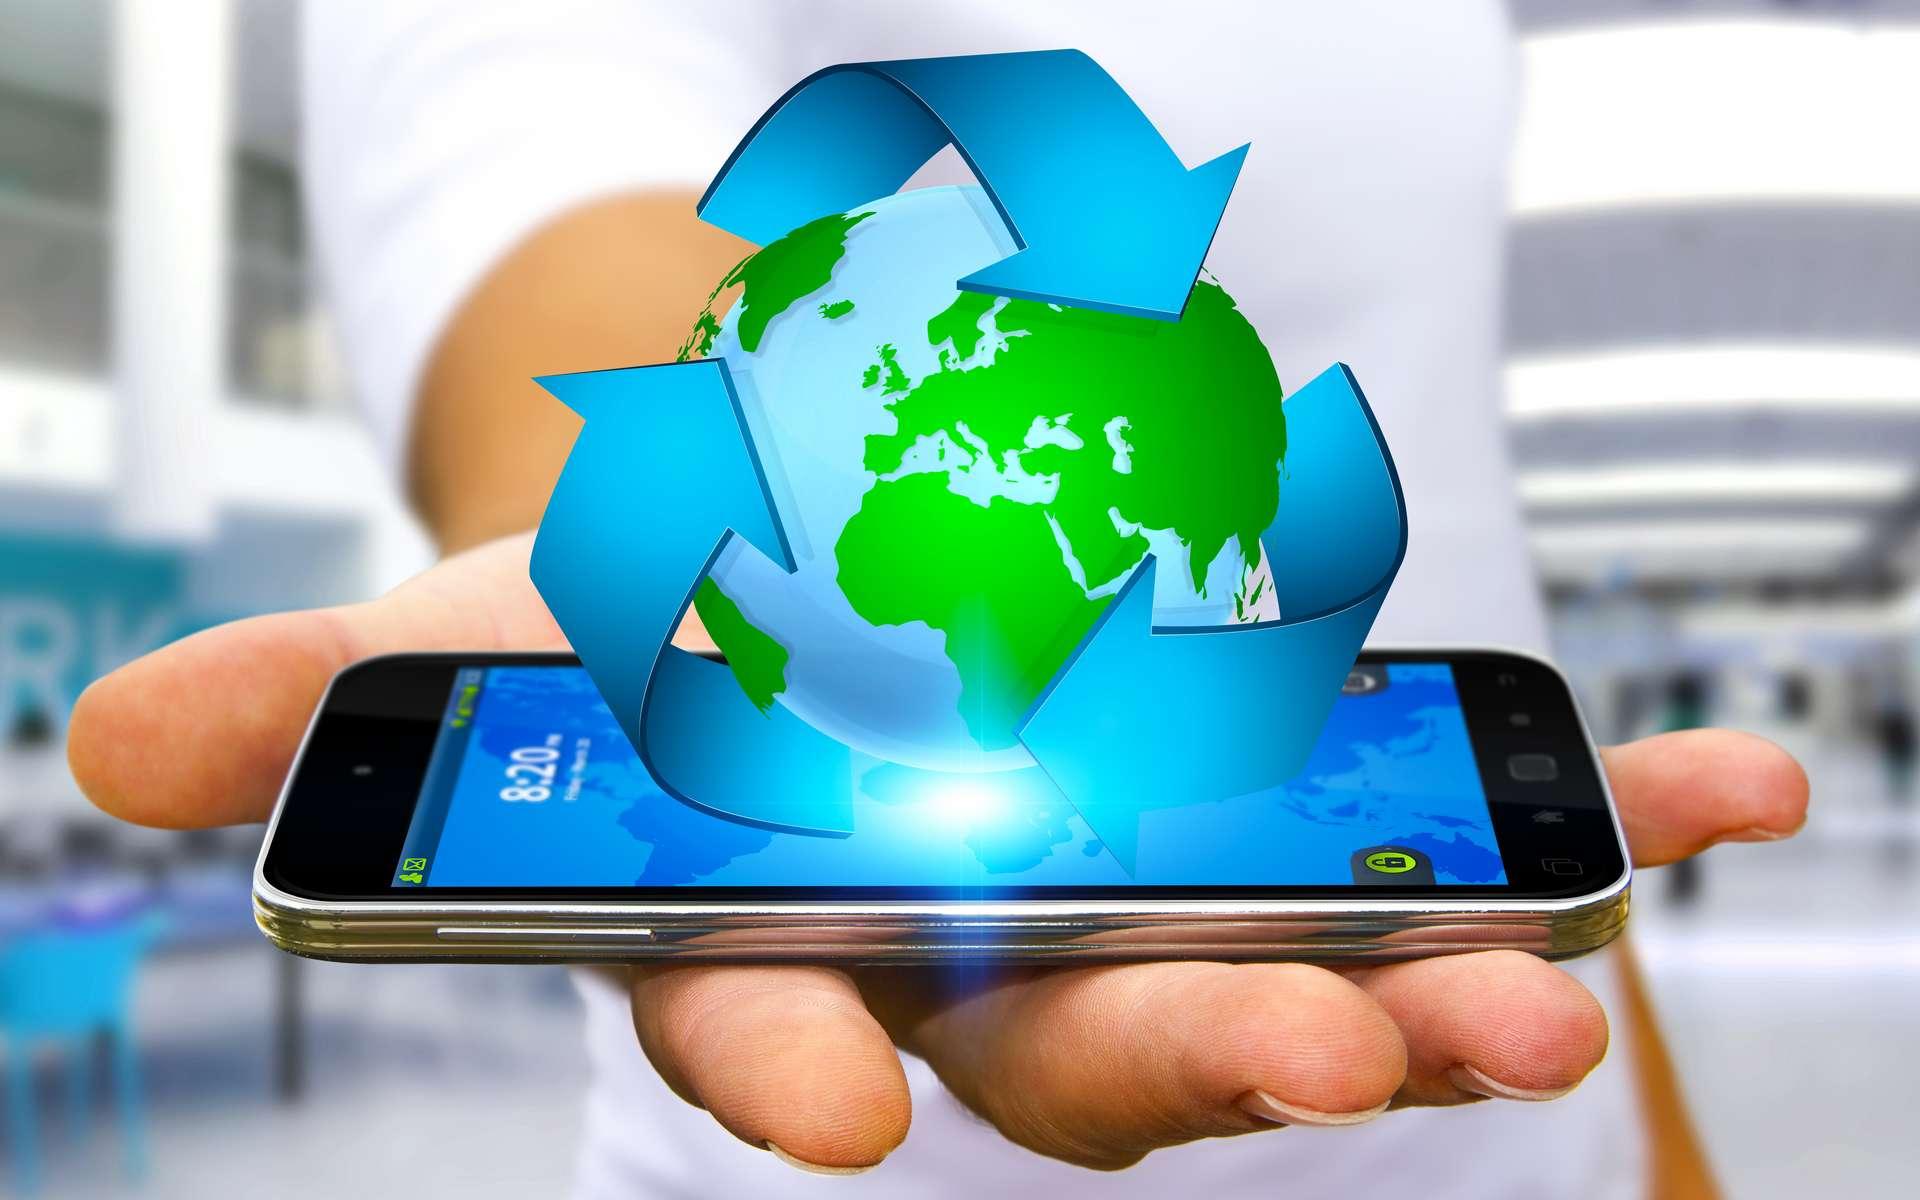 Les smartphones et tablettes reconditionnés possèdent un très bon niveau de performance. En leur donnant une seconde vie, vous réduisez leur impact sur l'environnement et ferez des économies. Une économie circulaire bonne pour la planète. © sdecoret, Adobe Stock